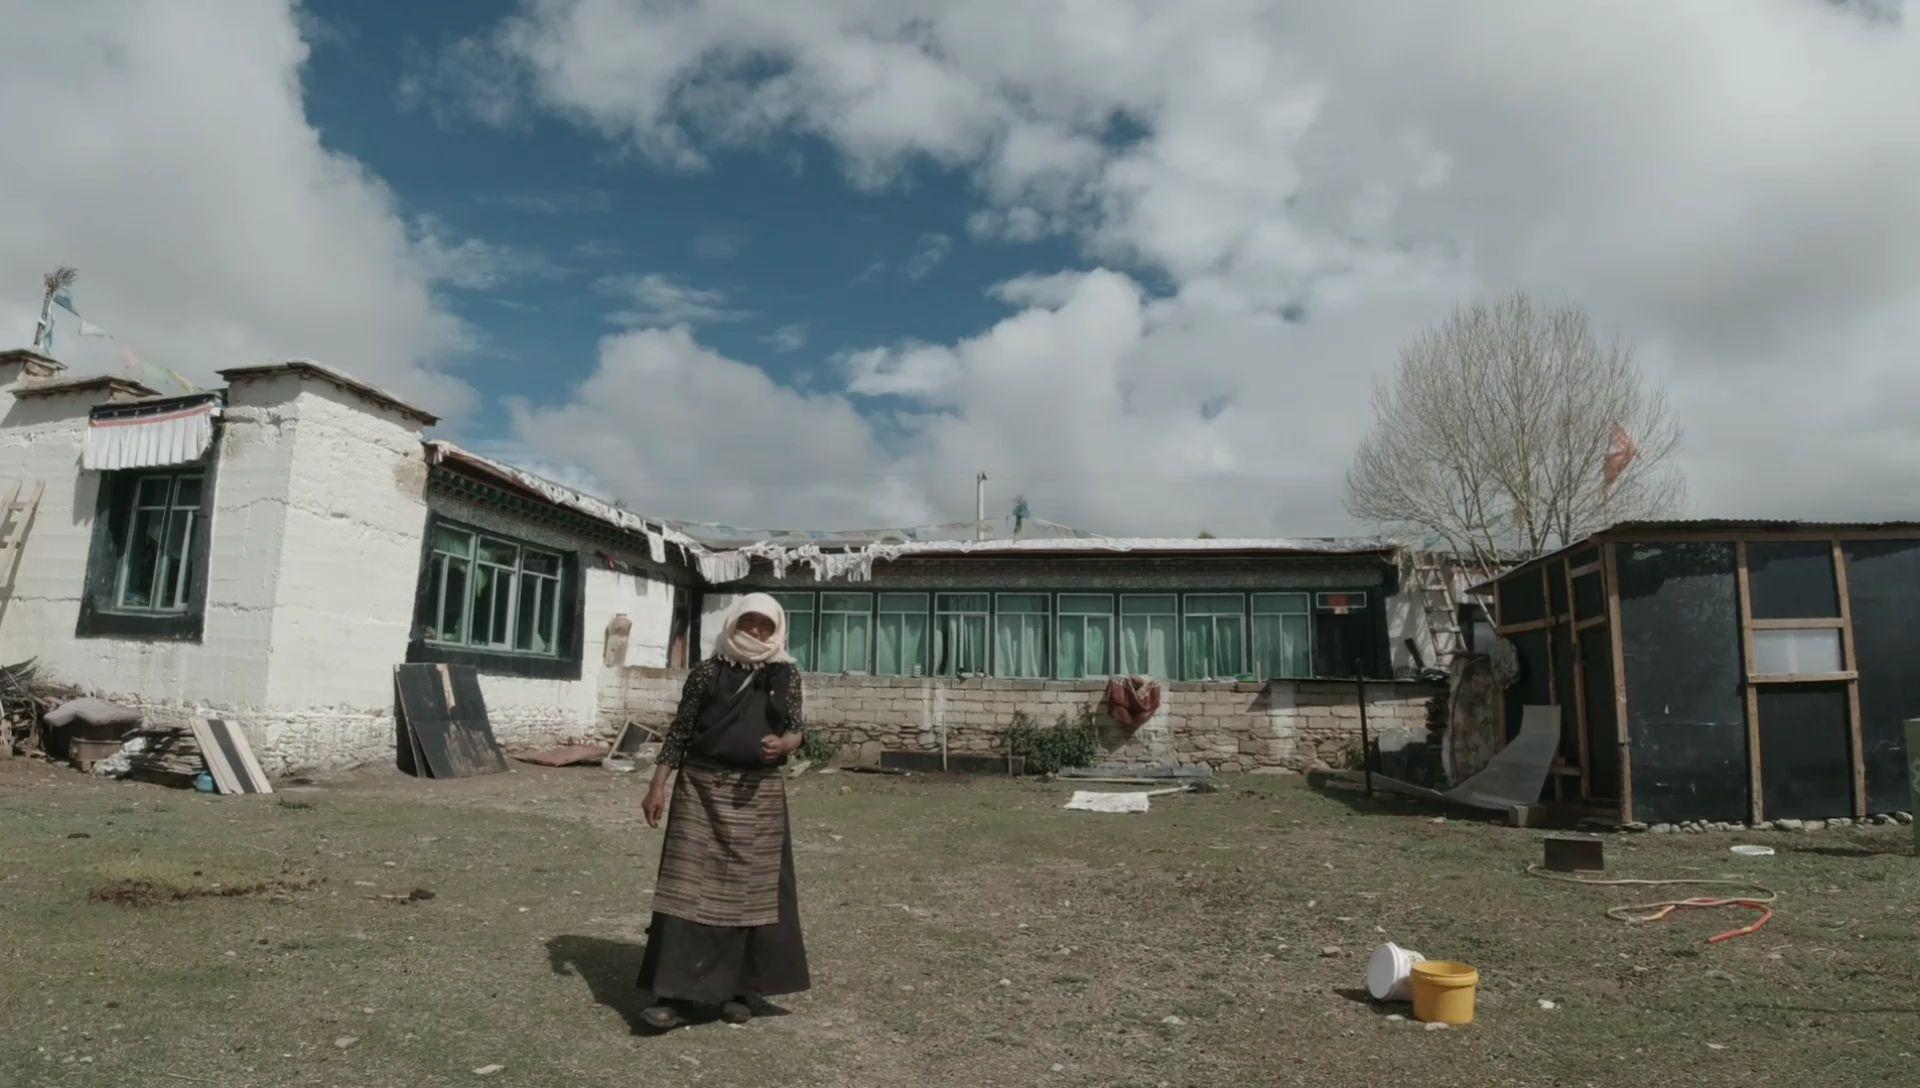 骑摩托在西藏旅行,遇到一户好人家,还给我送来一壶开水